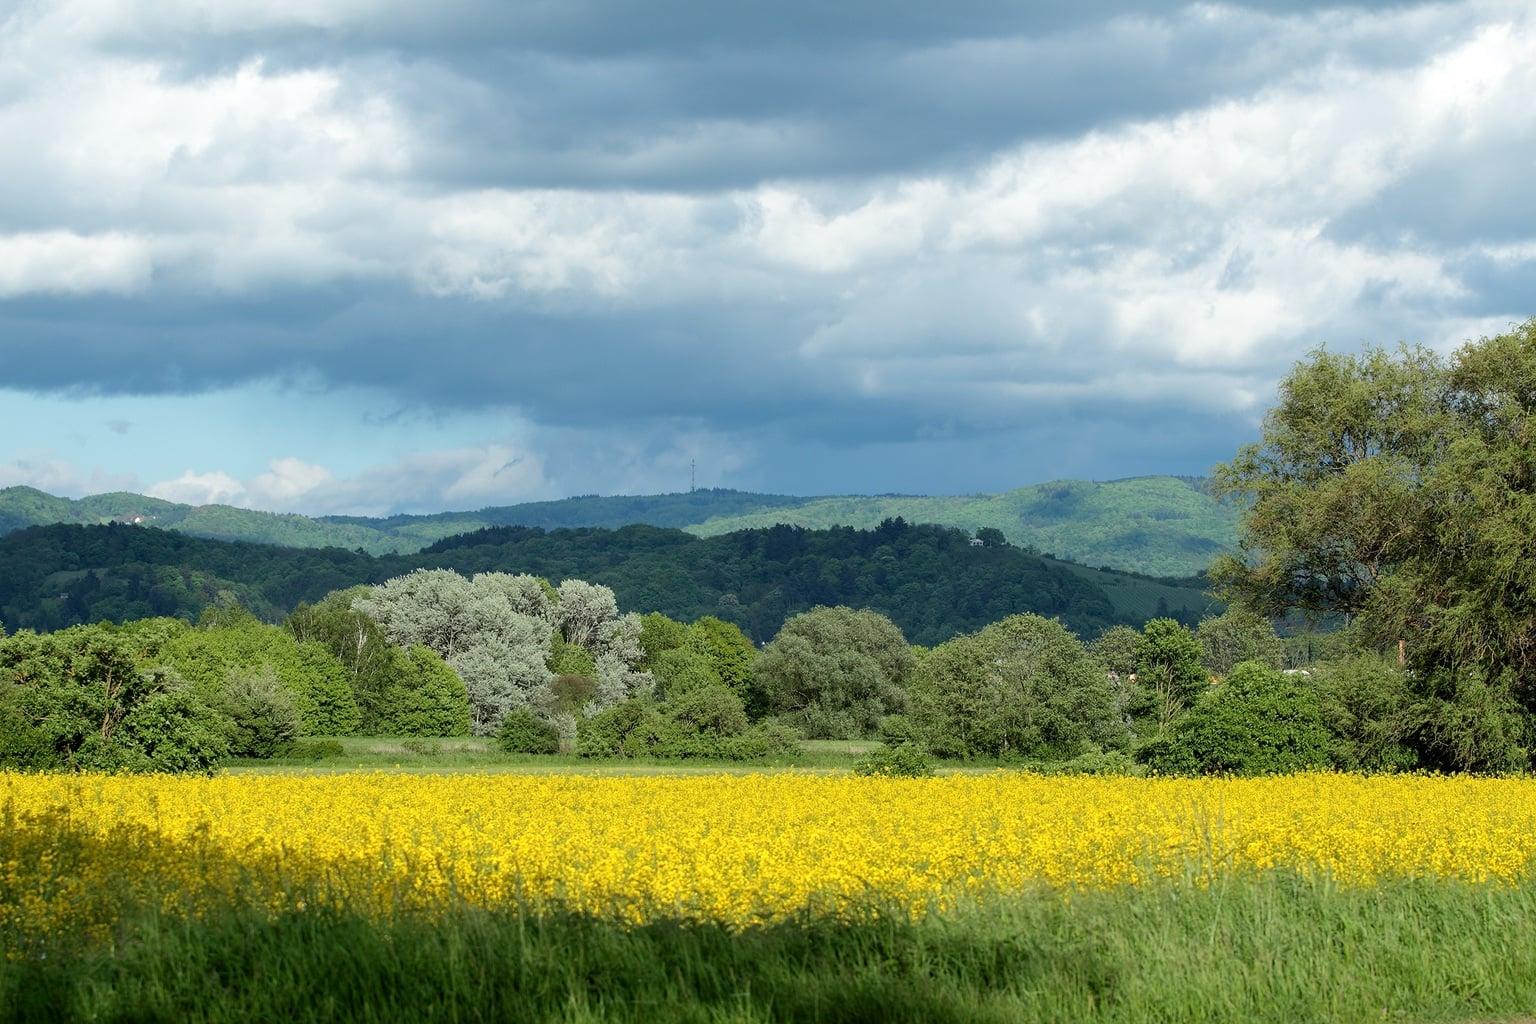 Een veld met bloemen, bossen en heuvels is een typisch gezicht in Hessen